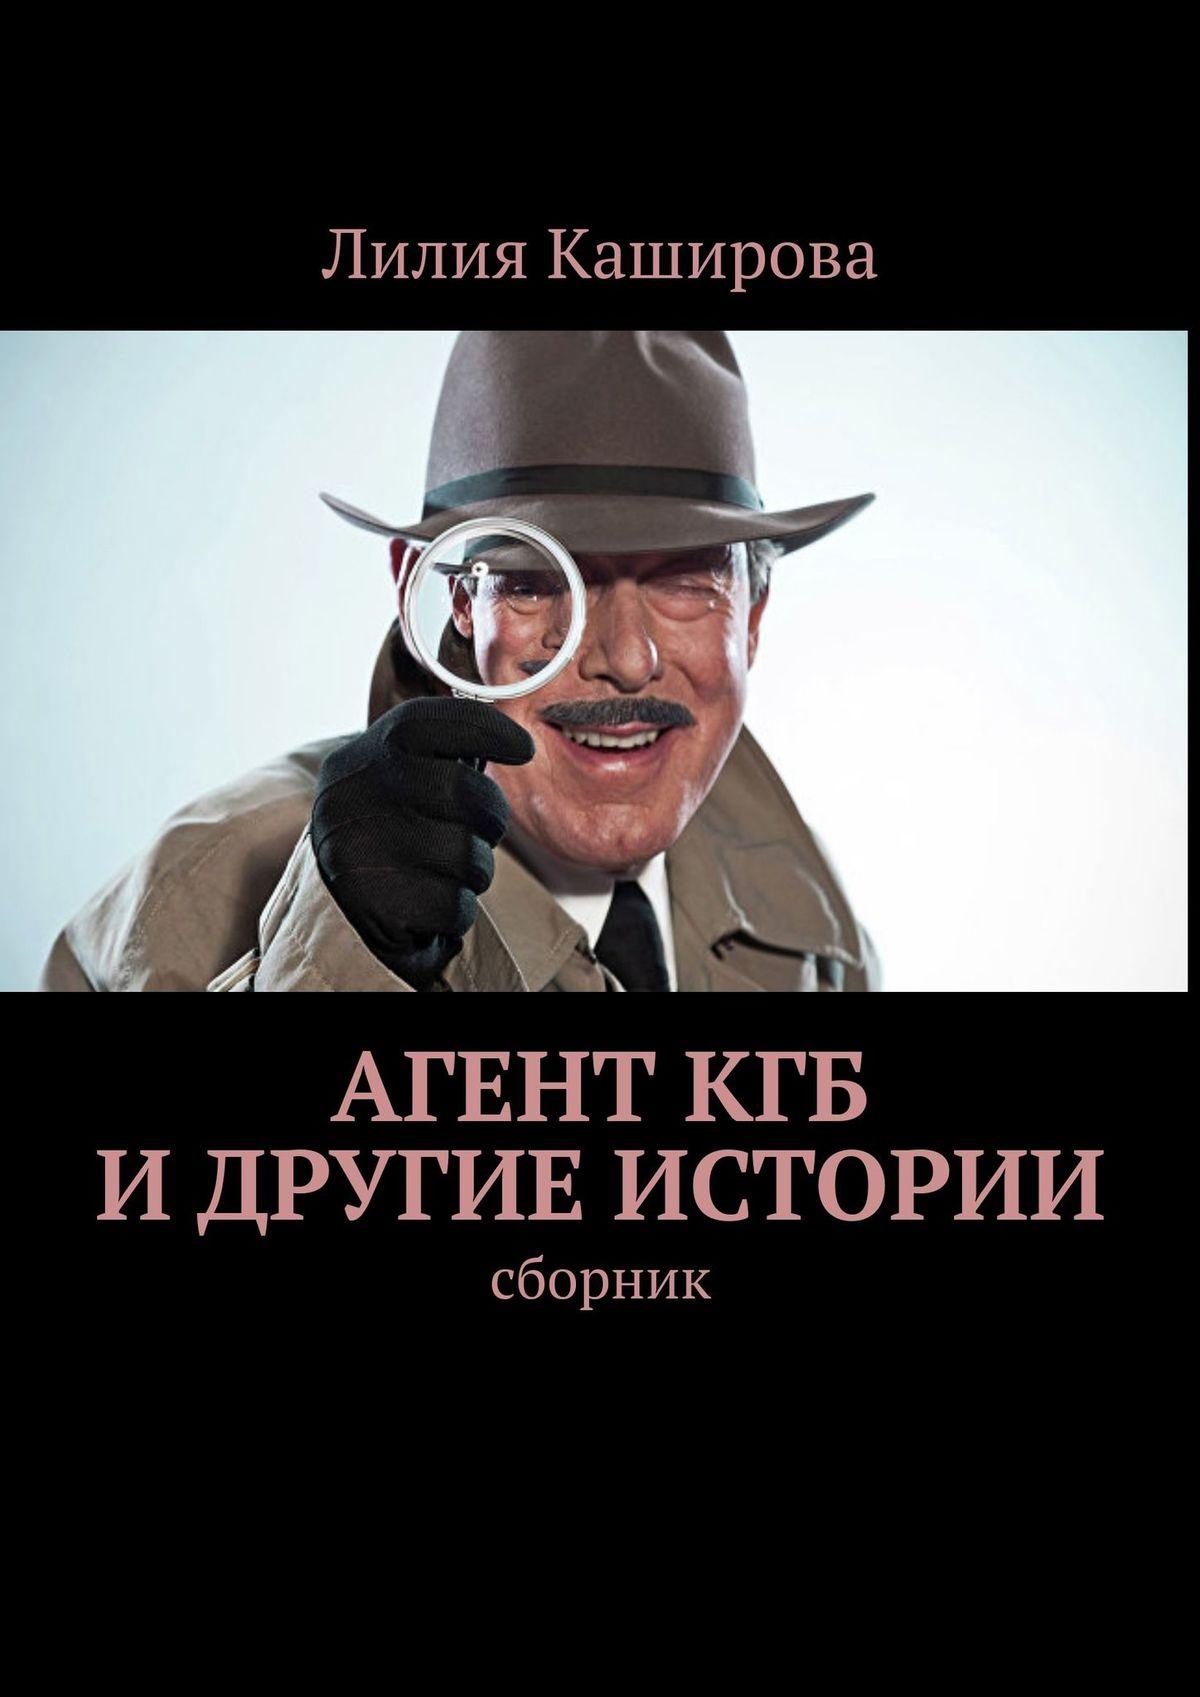 Лилия Каширова Агент КГБ идругие истории. сборник лилия каширова трагедия в параллельном мире рассказы